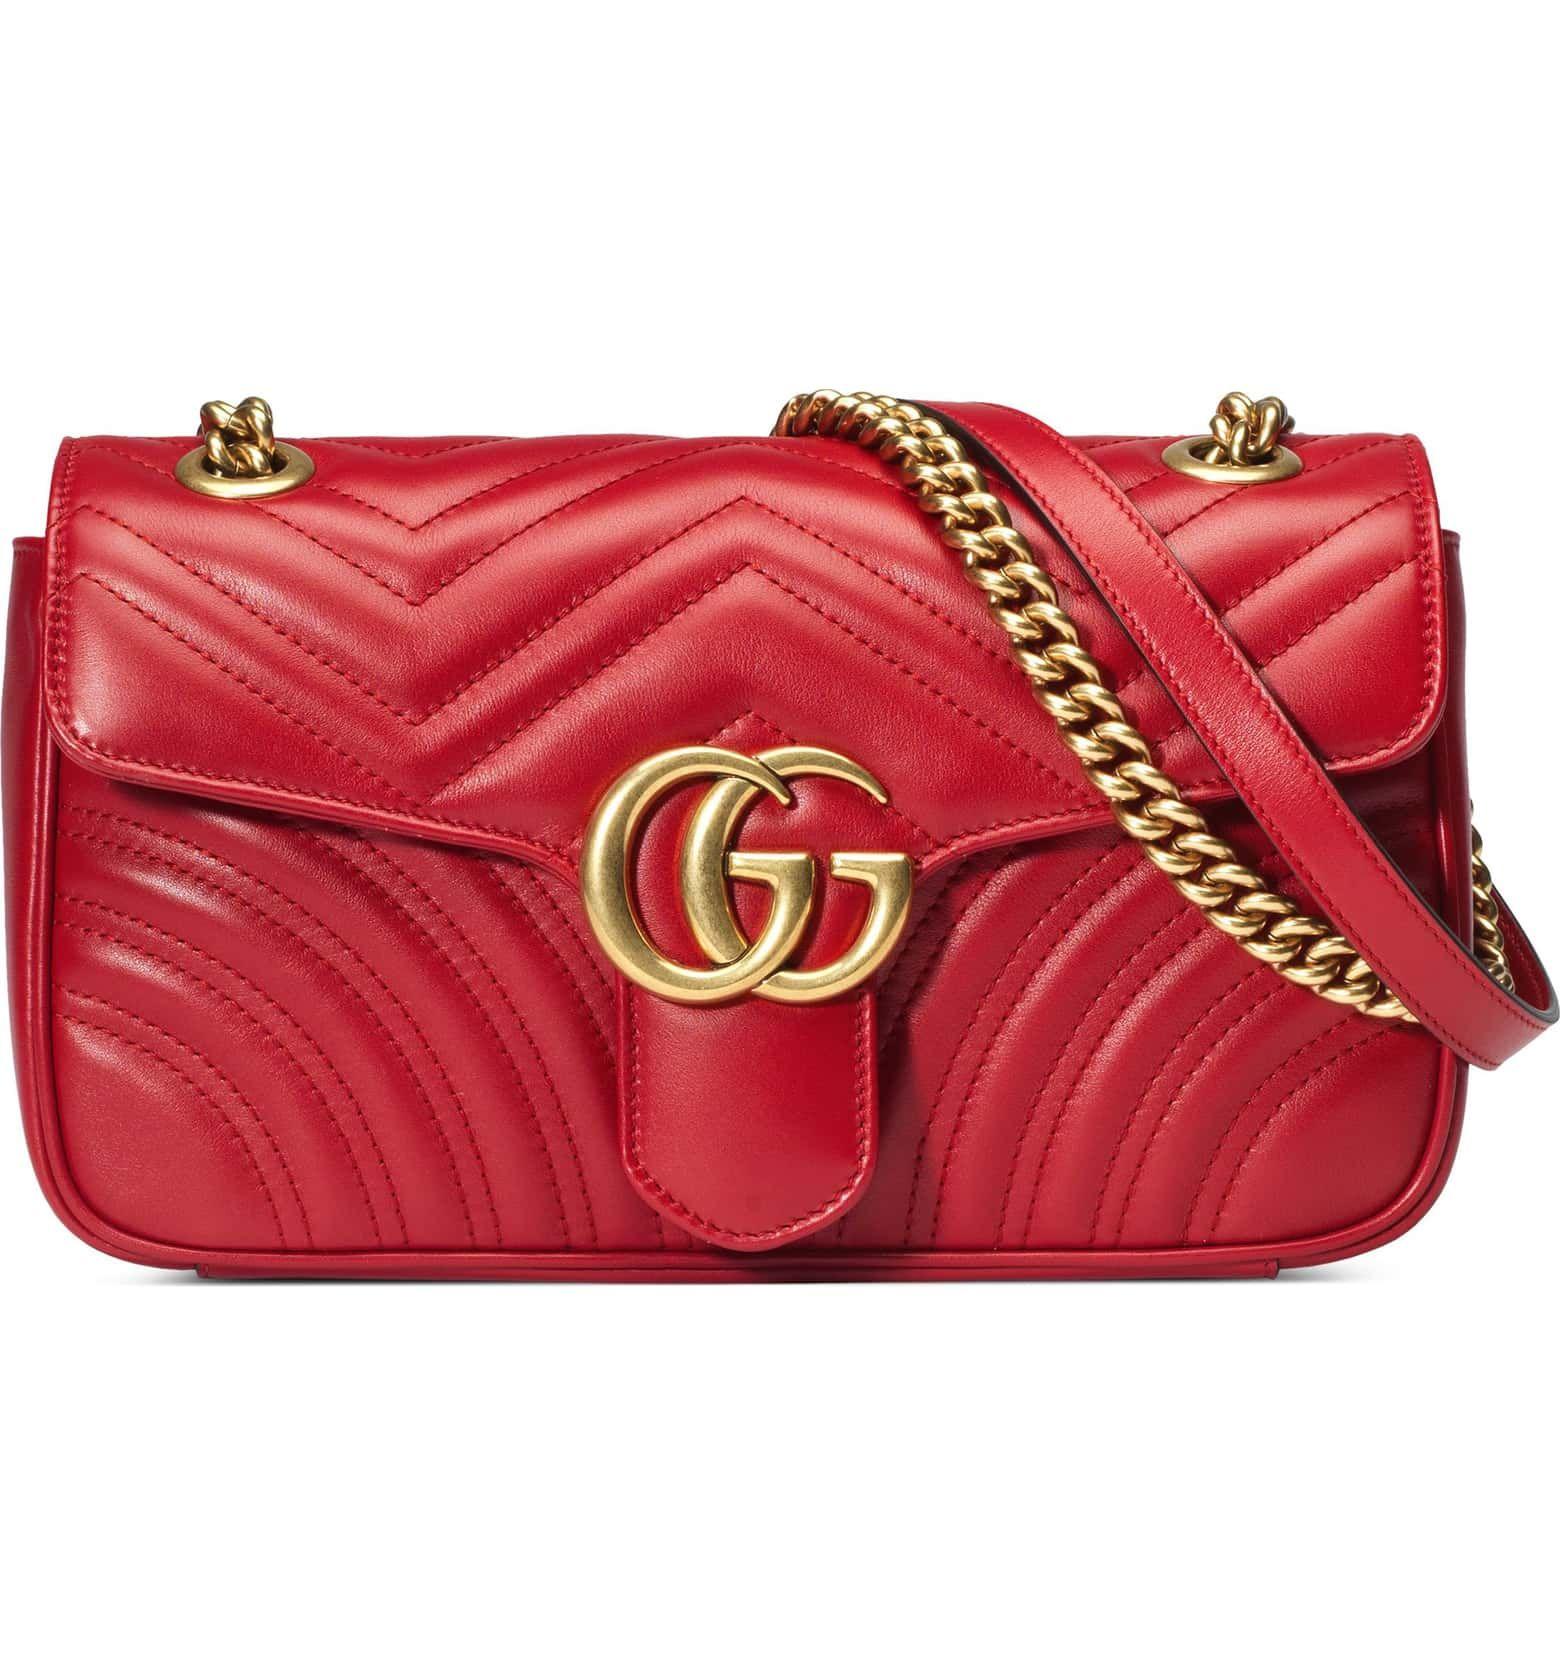 c6a974234a6 Small GG Marmont 2.0 Matelassé Leather Shoulder Bag